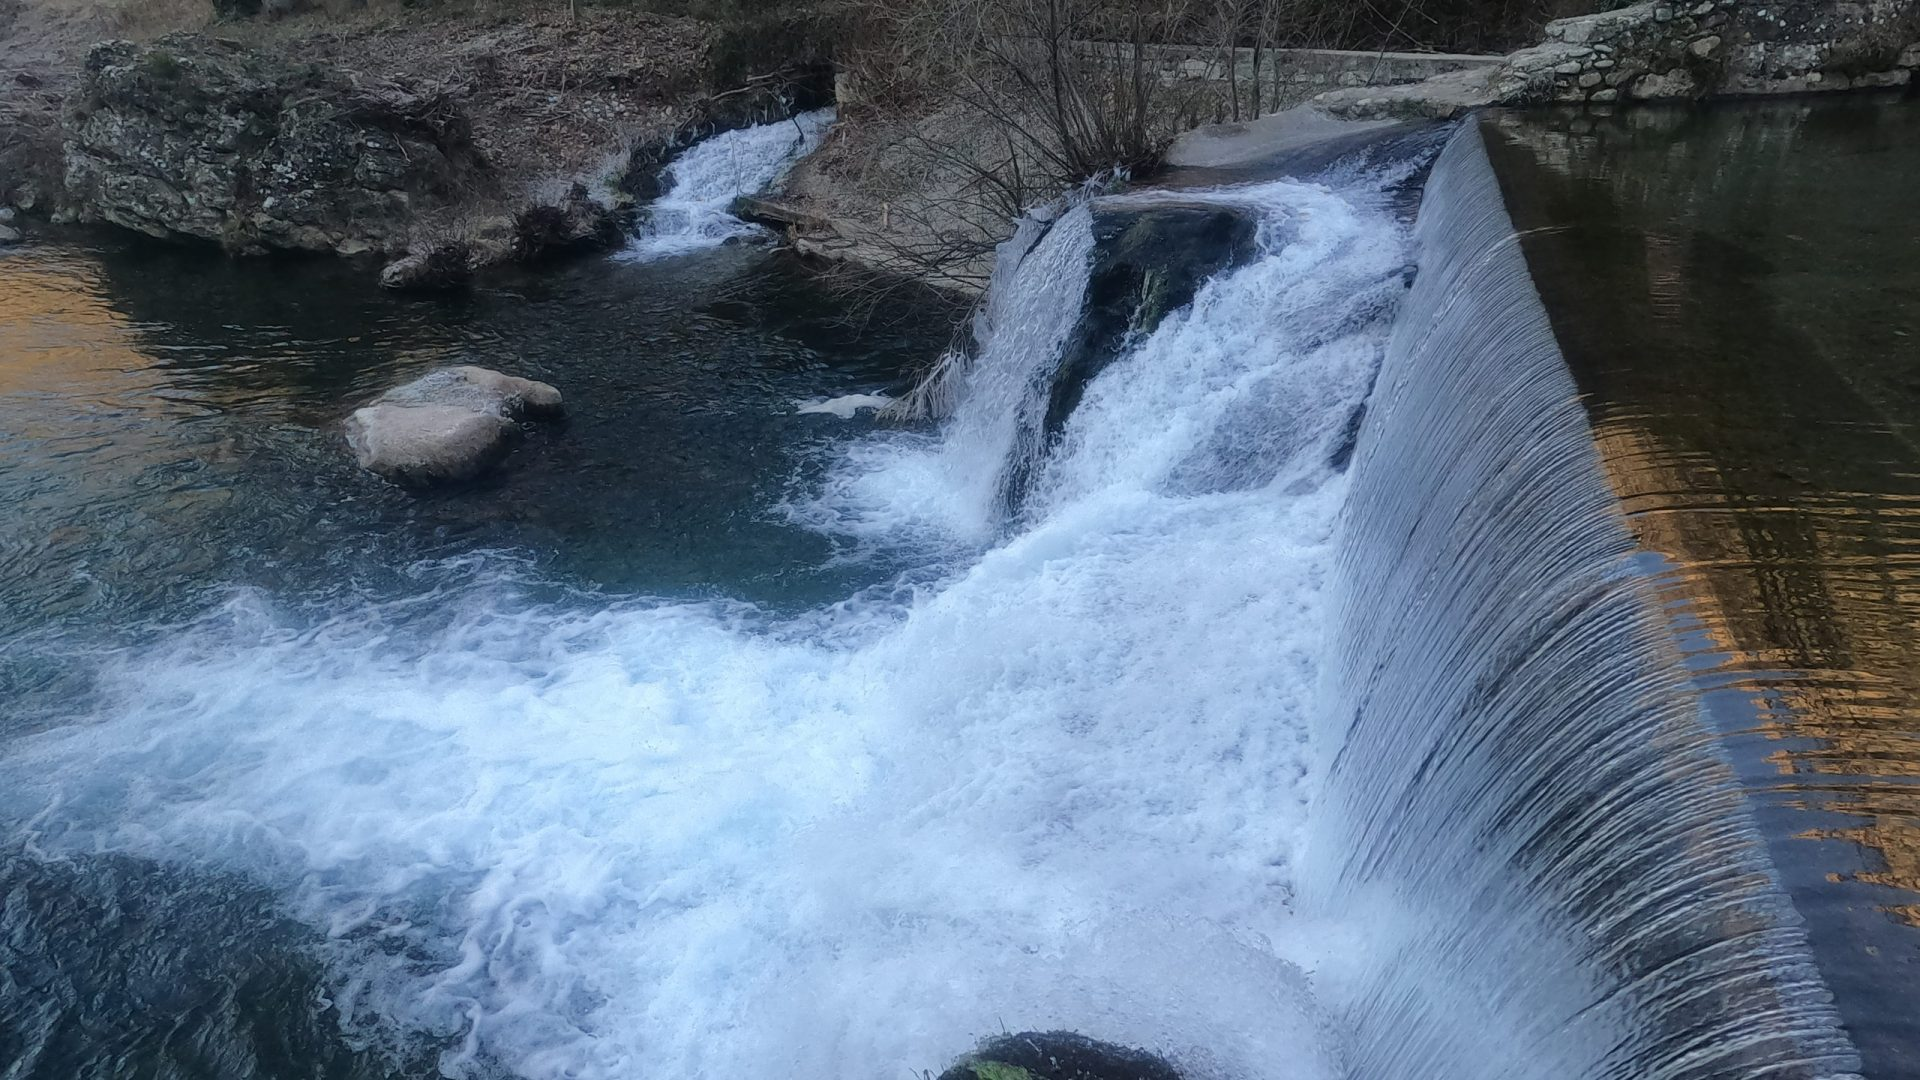 Cascade sur la rivière Jonte